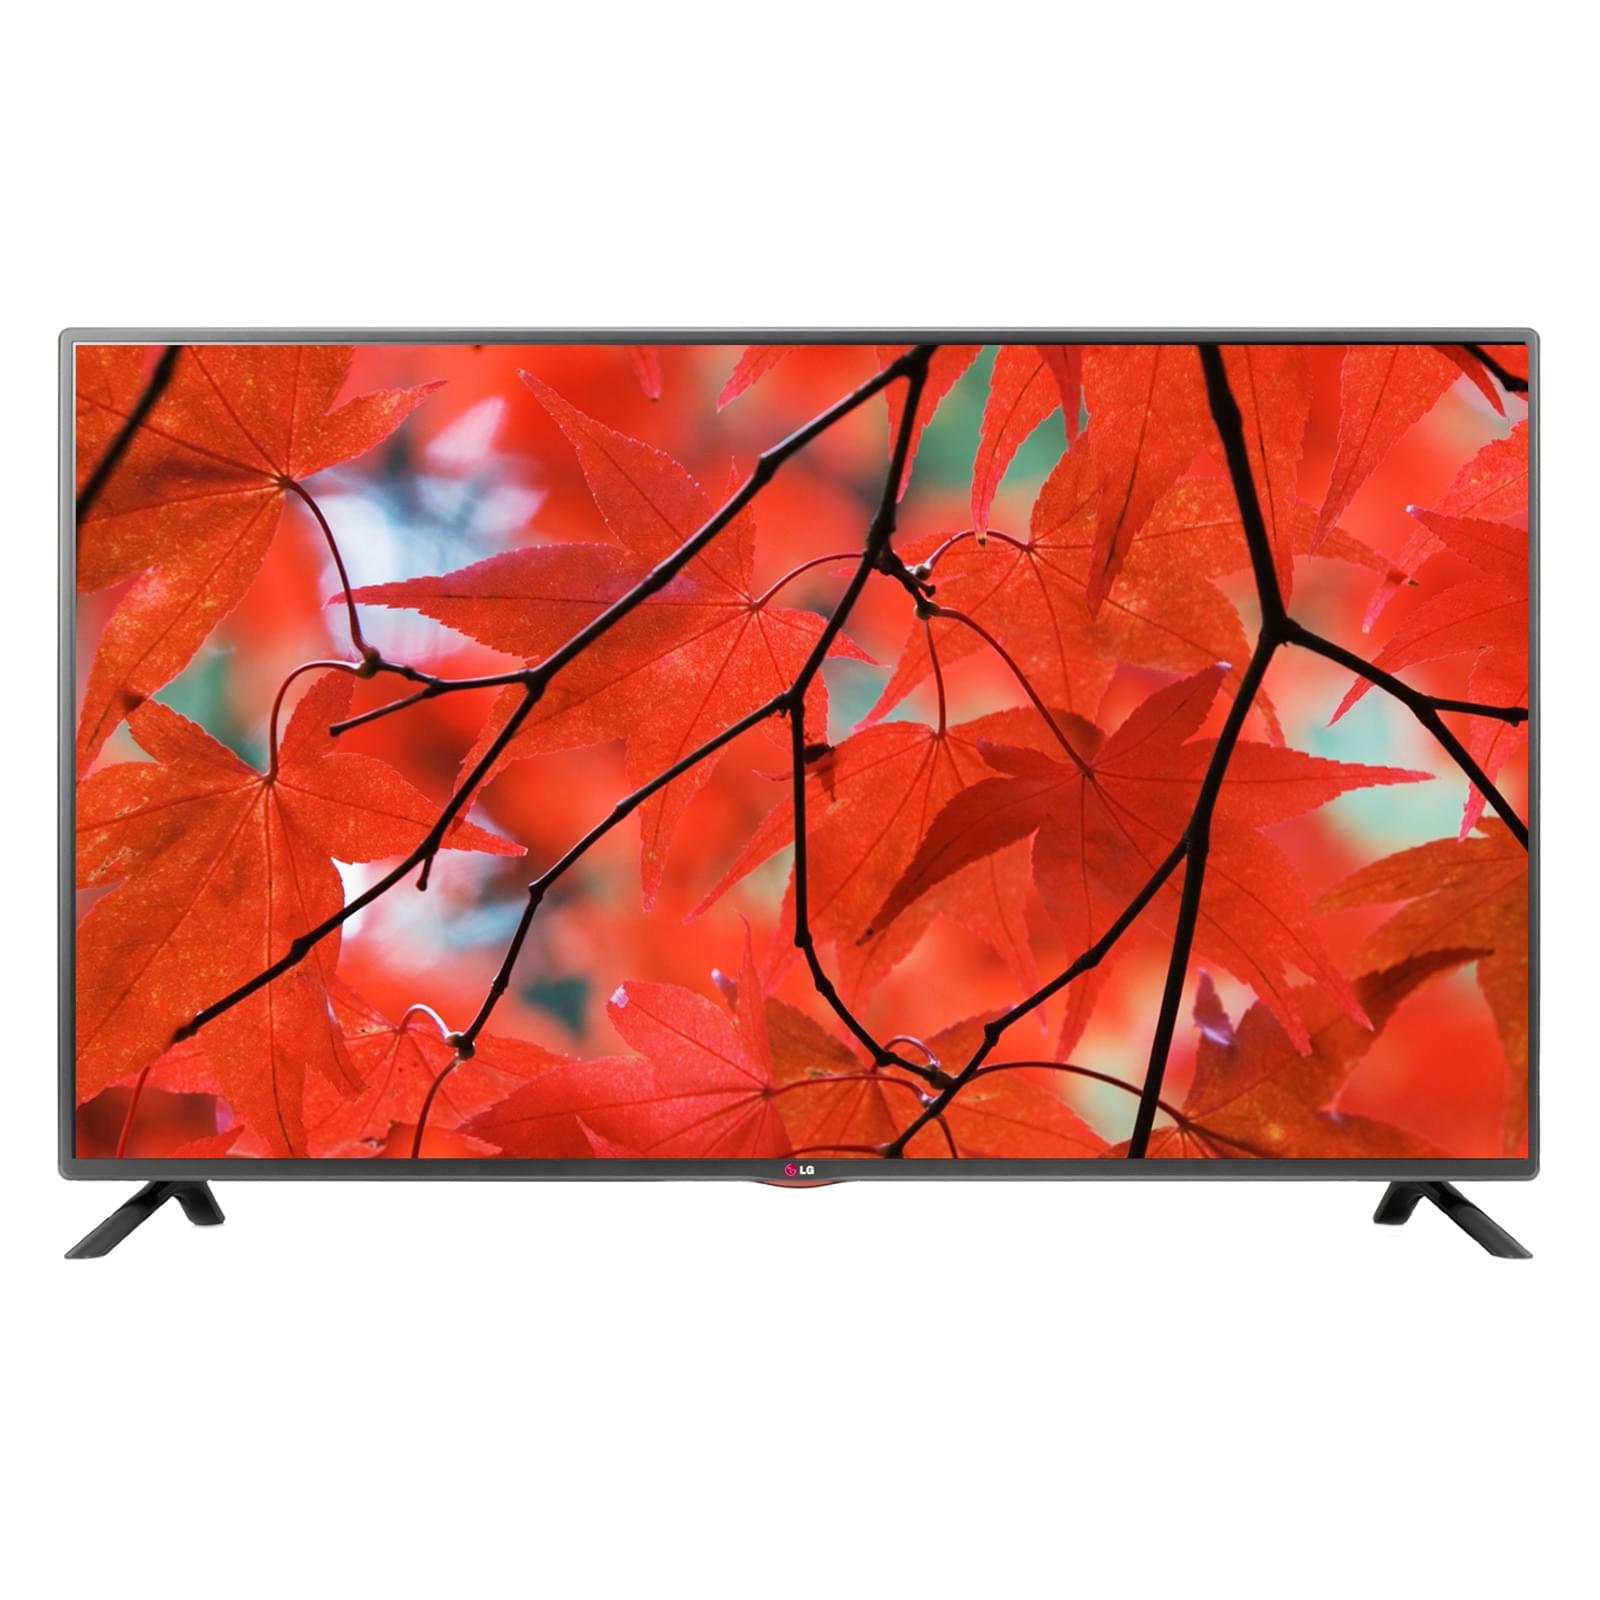 """LG 42LB5610 - 42"""" (107cm) LED HDTV 1080p - TV LG - Cybertek.fr - 0"""